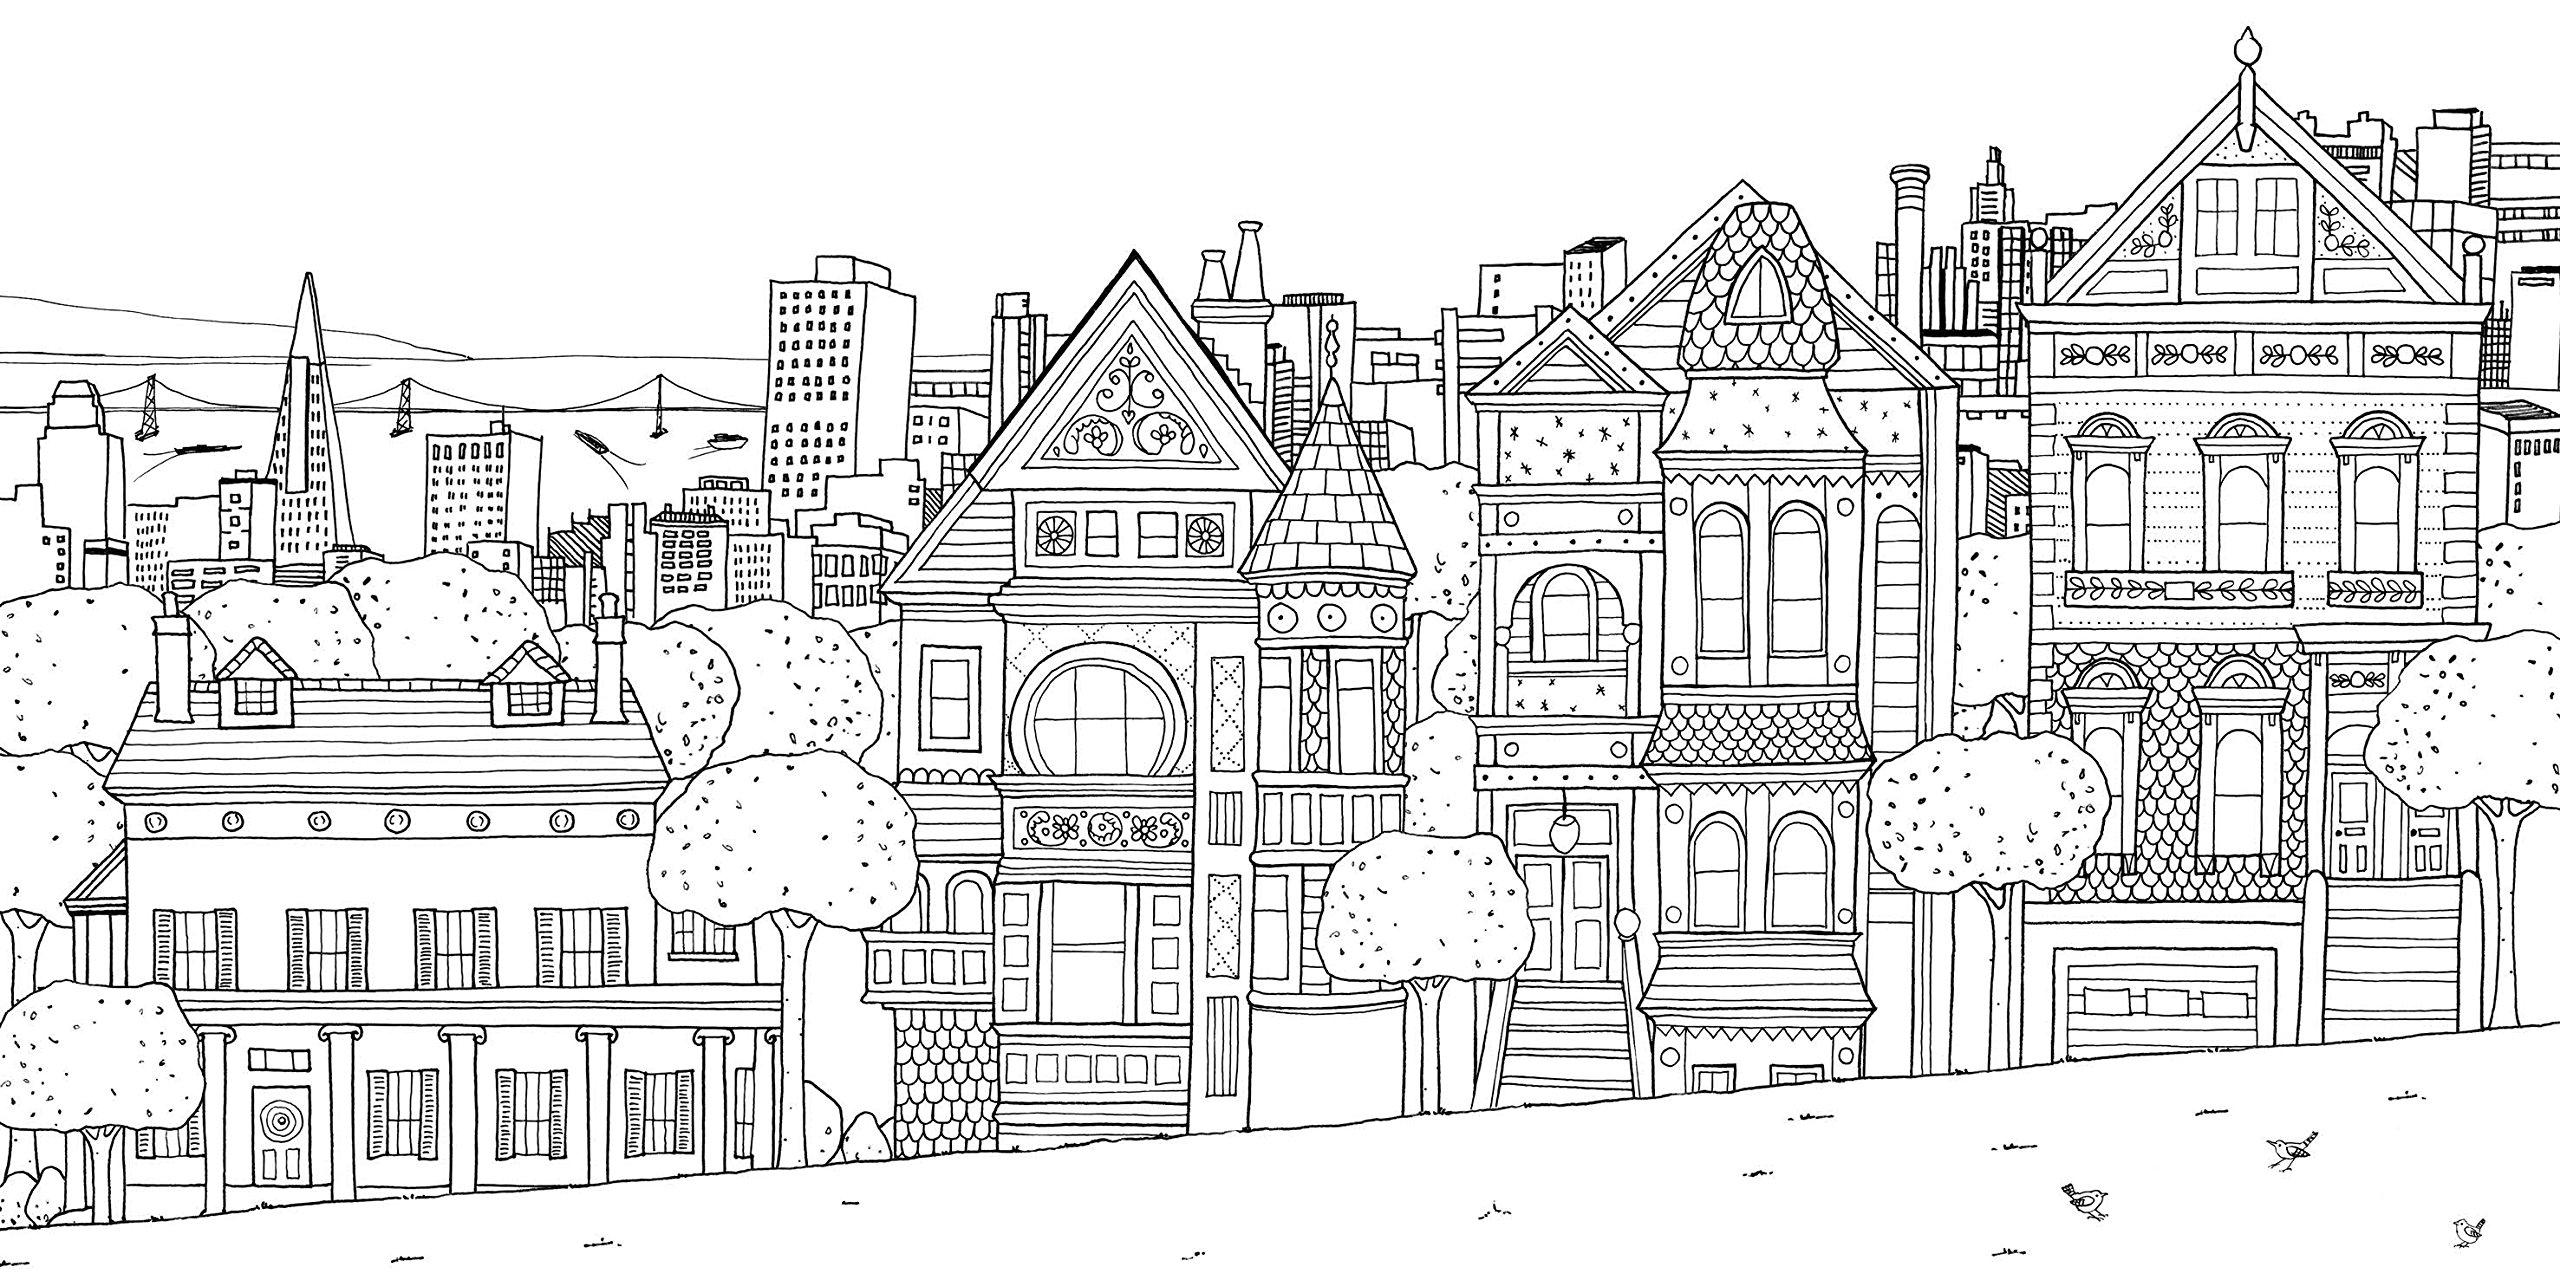 скачать бесплатные раскраски для взрослых раскраски с городами